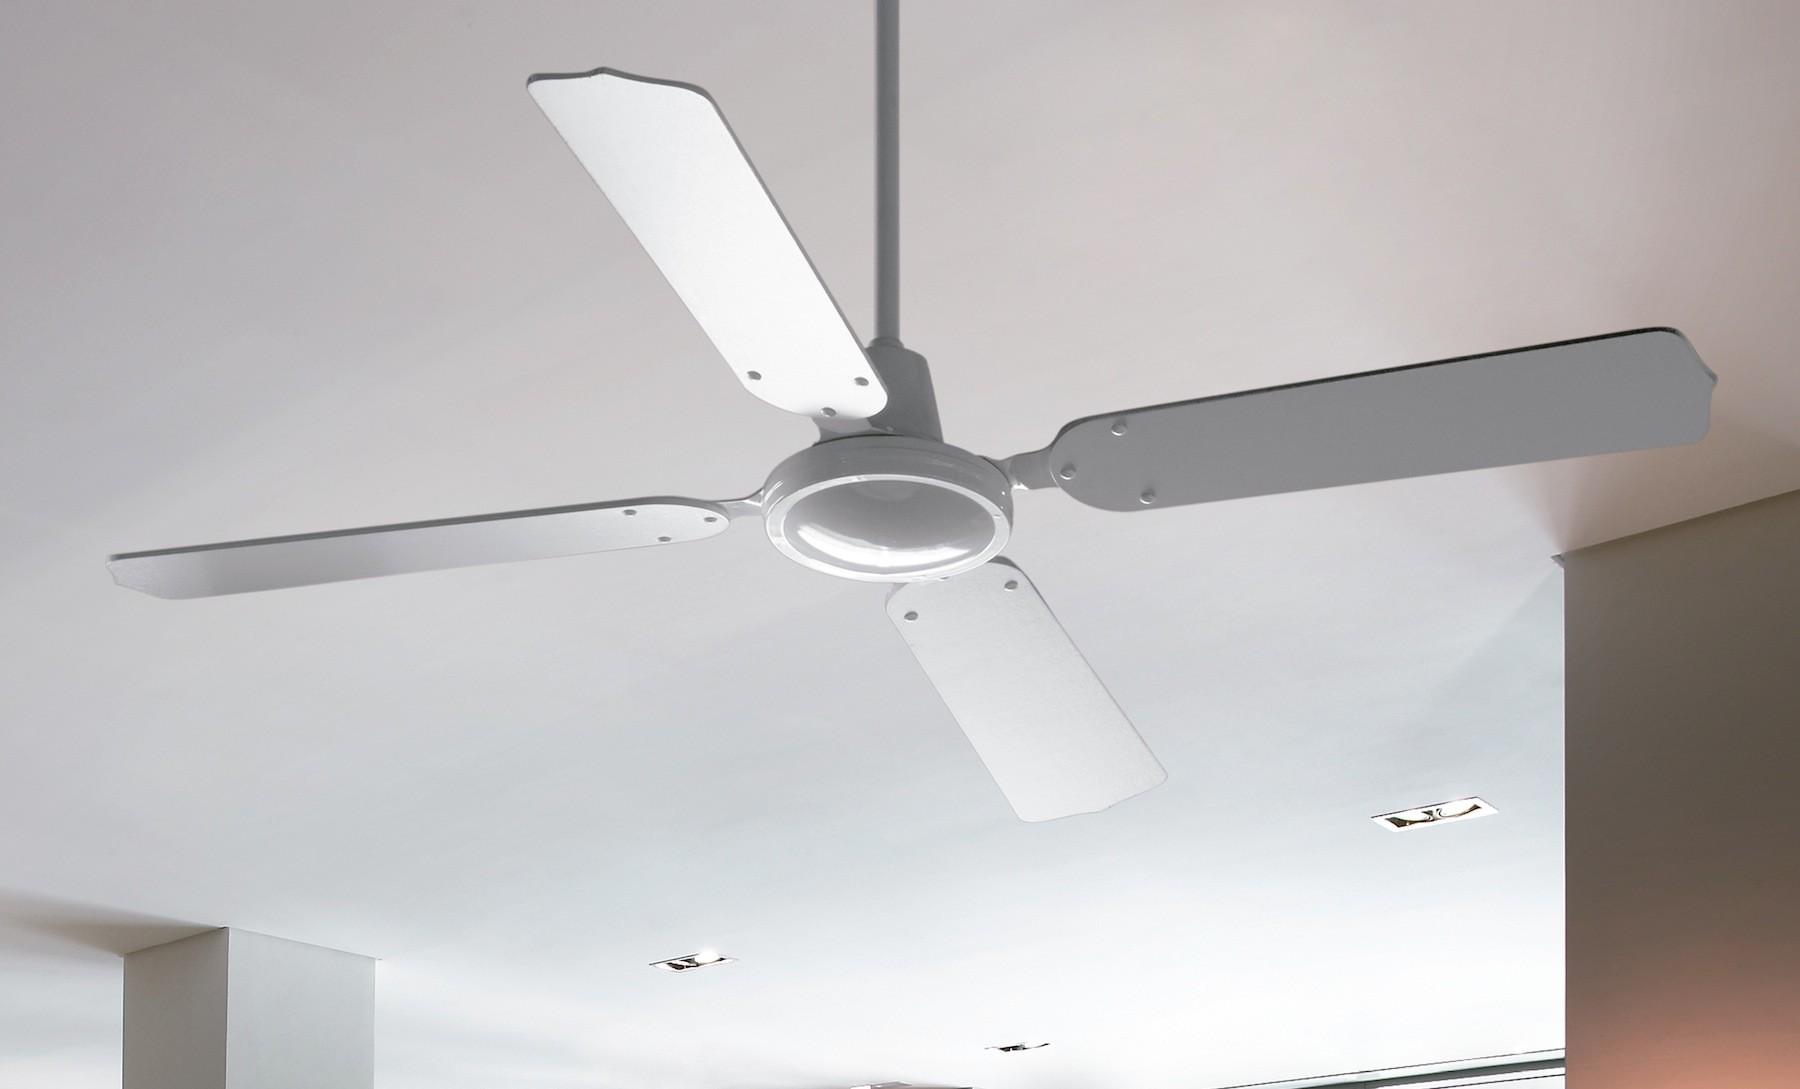 Mejor ventilador de techo ventilador de techo con luz led - El mejor ventilador de techo ...